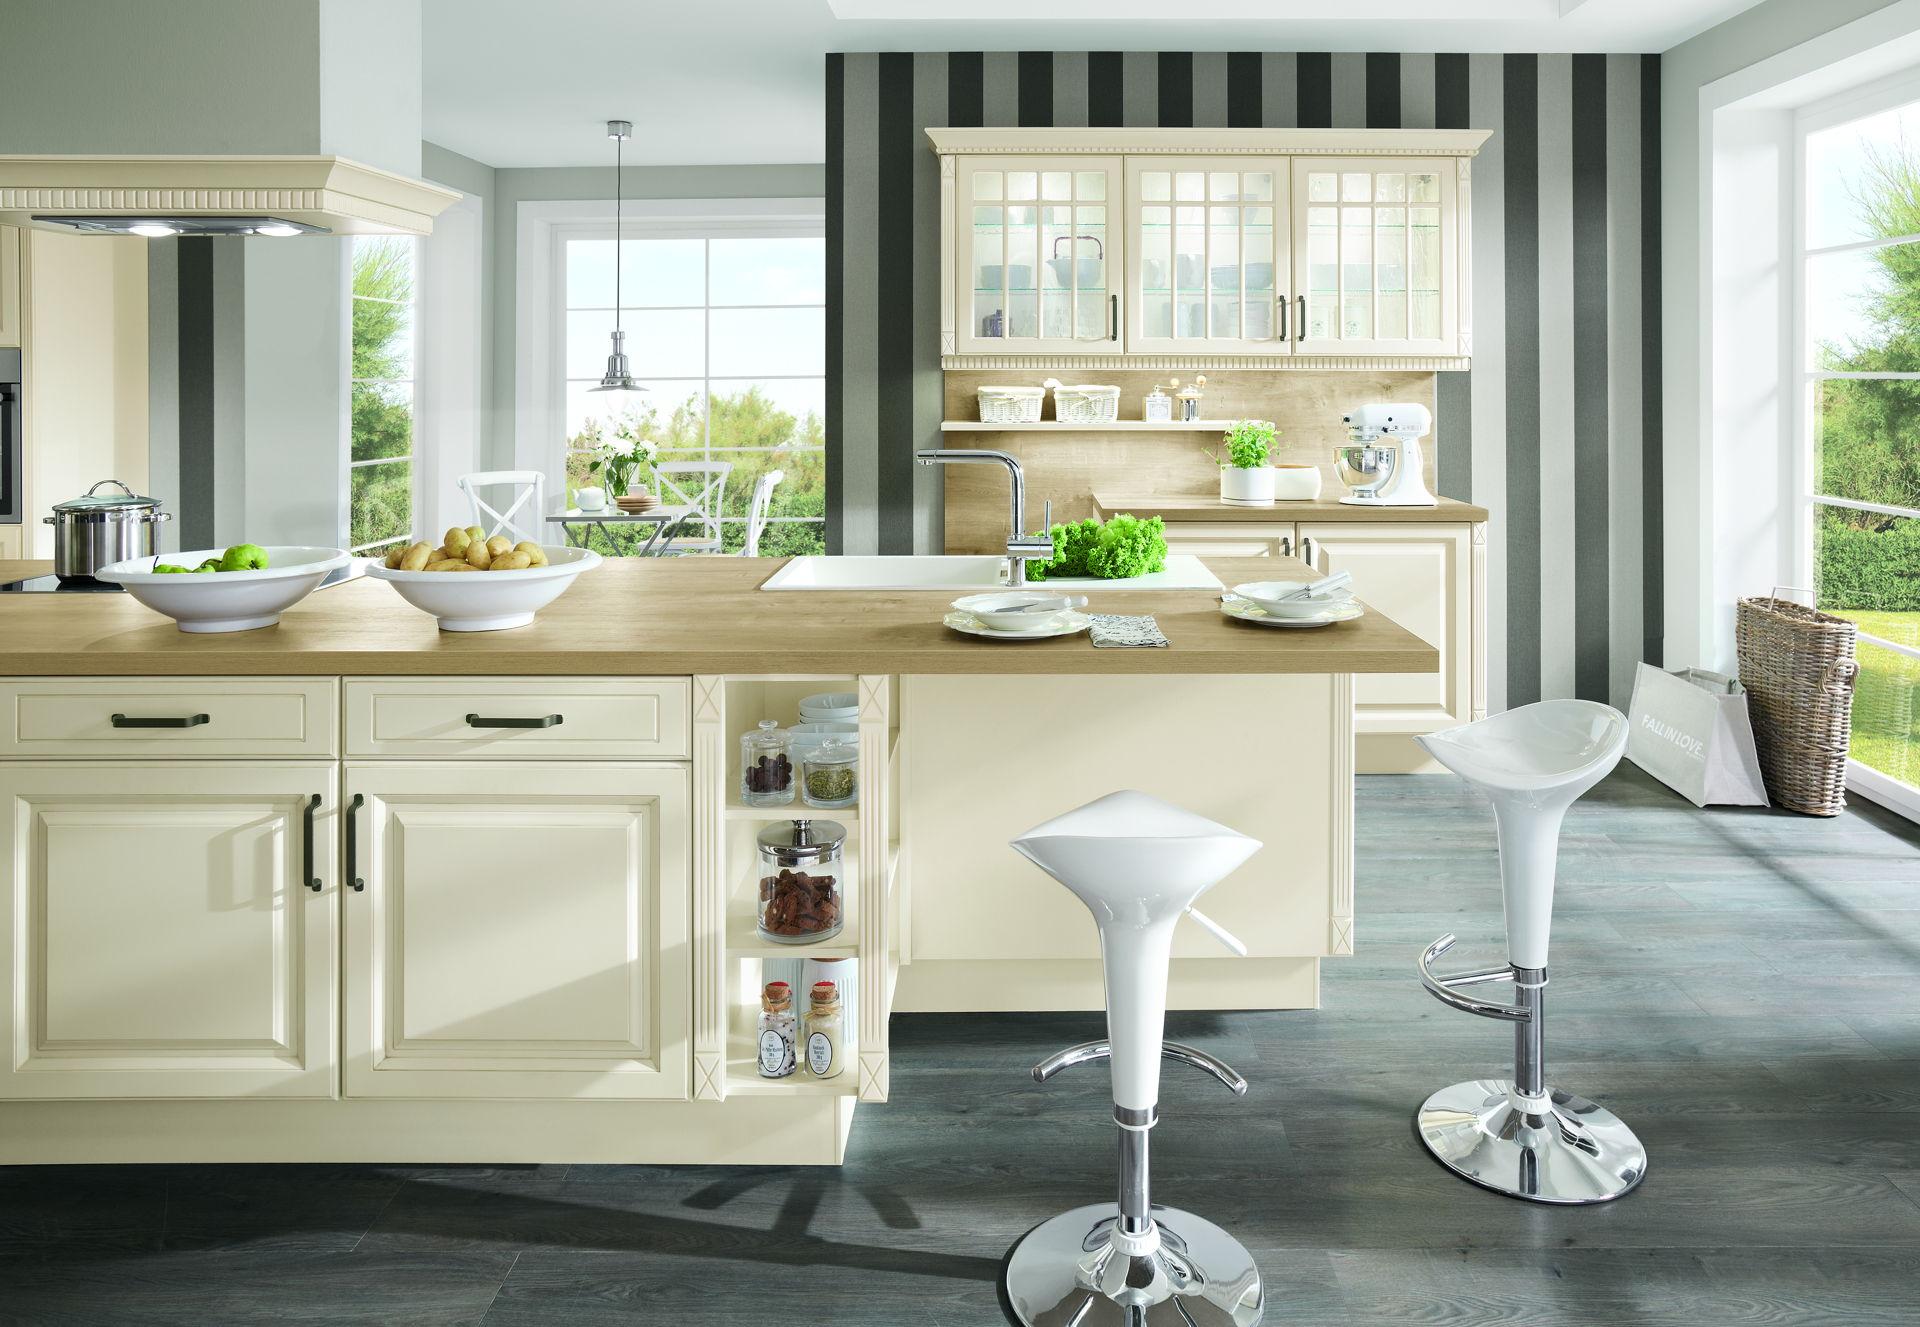 Milanuncios muebles de cocina en tenerife for Milanuncios madrid muebles